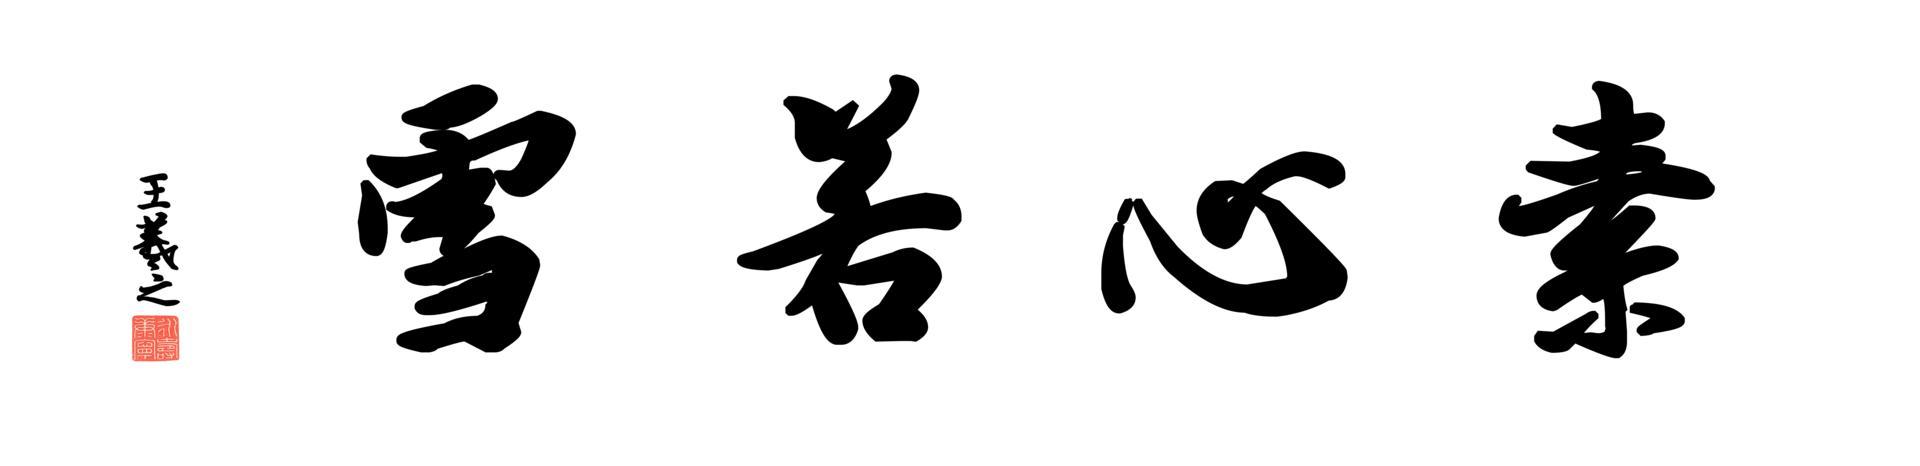 0175_王羲之兰亭体数字书法-四字横幅素心若雪136x33cm_21417x5197PX_TIF_400DPI_326_0